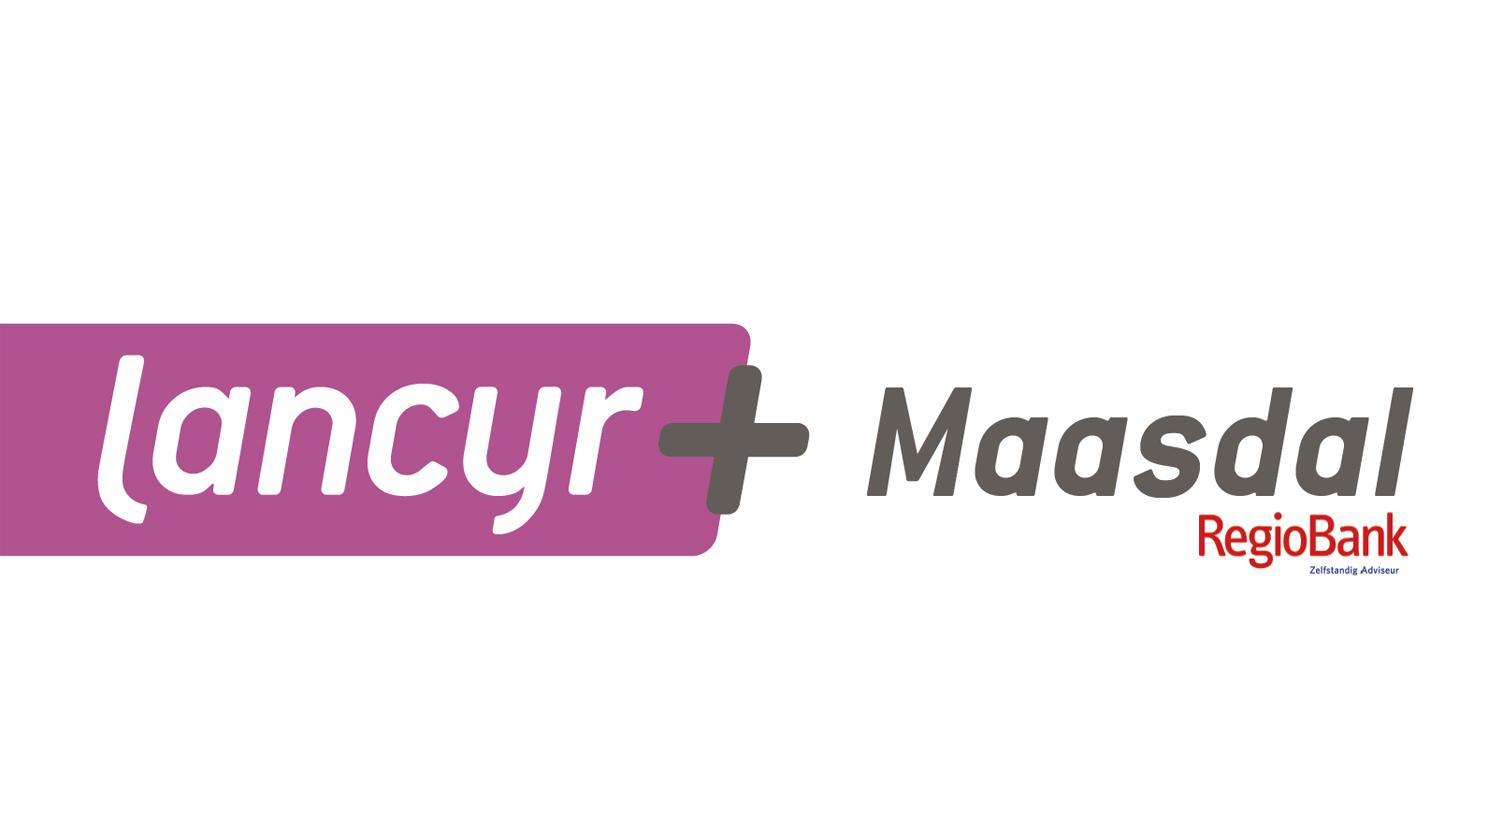 Lancyr Maasdal